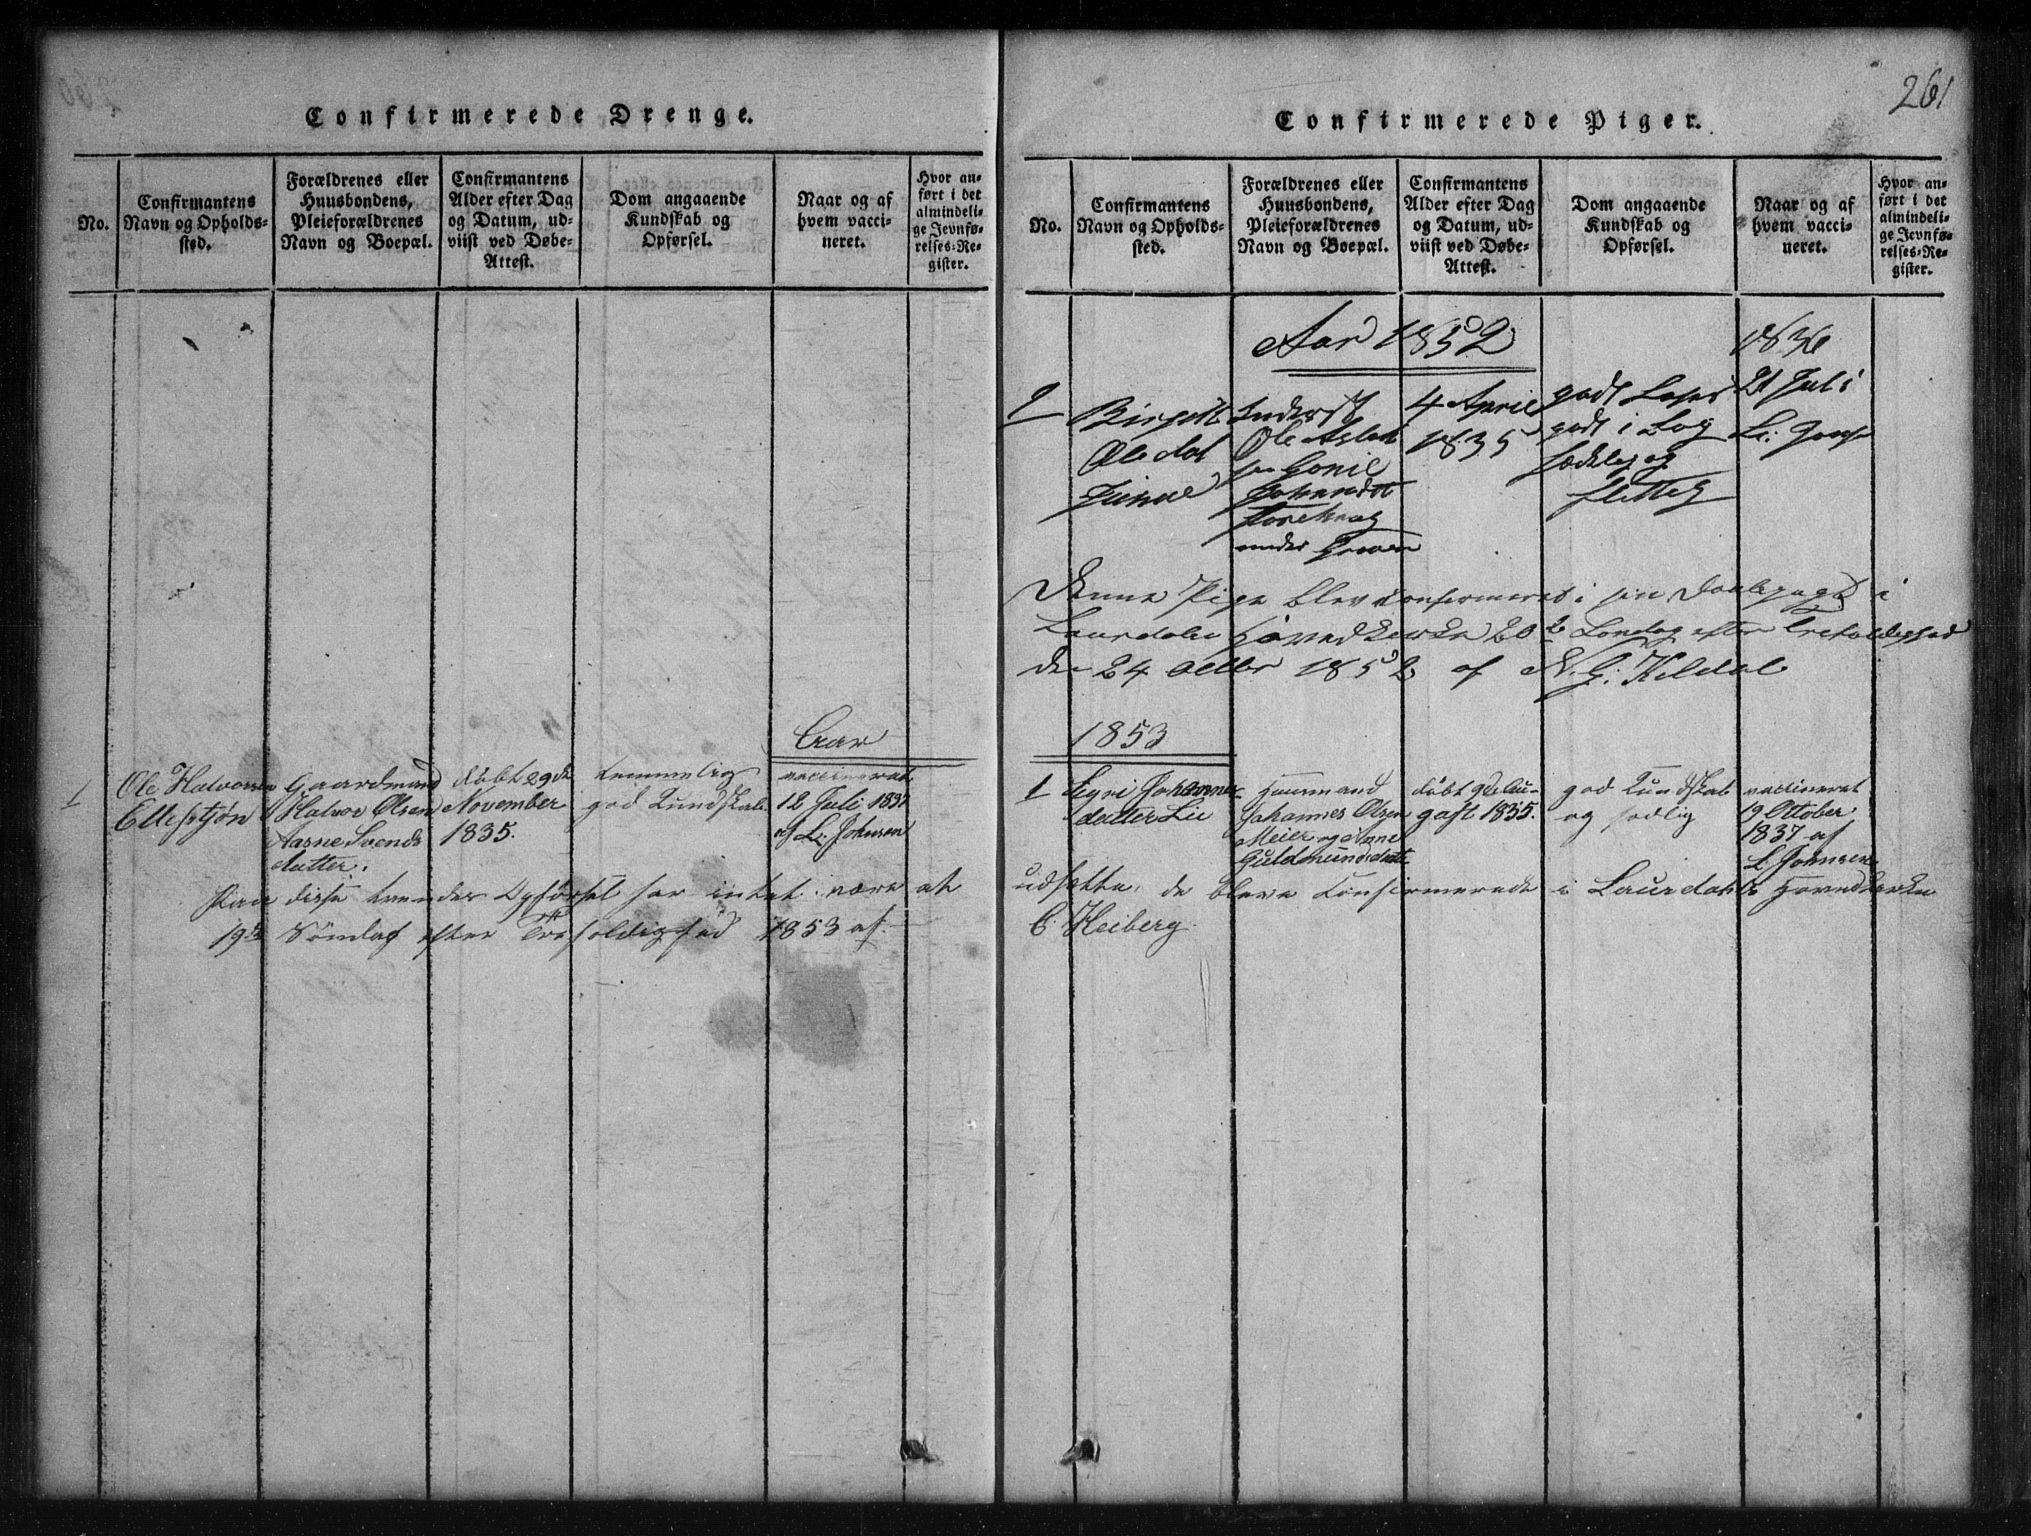 SAKO, Rauland kirkebøker, G/Gb/L0001: Klokkerbok nr. II 1, 1815-1886, s. 261